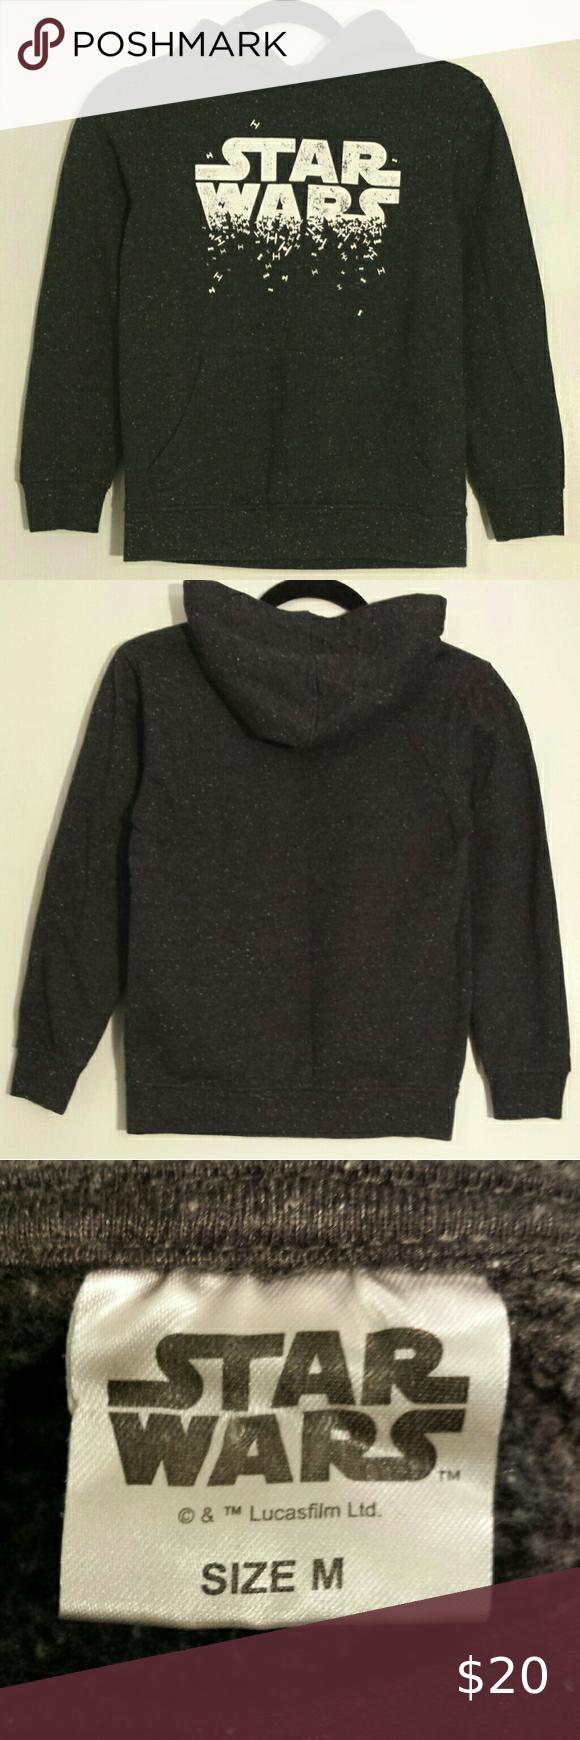 Star Wars Youth Black Heather Hoodie Sweatshirt M Sweatshirts Hoodie Clothes Design Star Wars Shirts [ 1740 x 580 Pixel ]